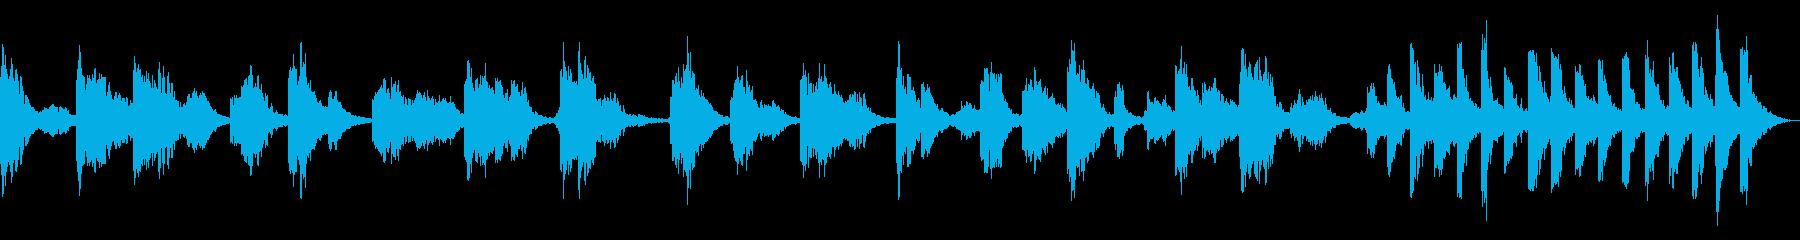 リラクゼーションアンビエントの再生済みの波形